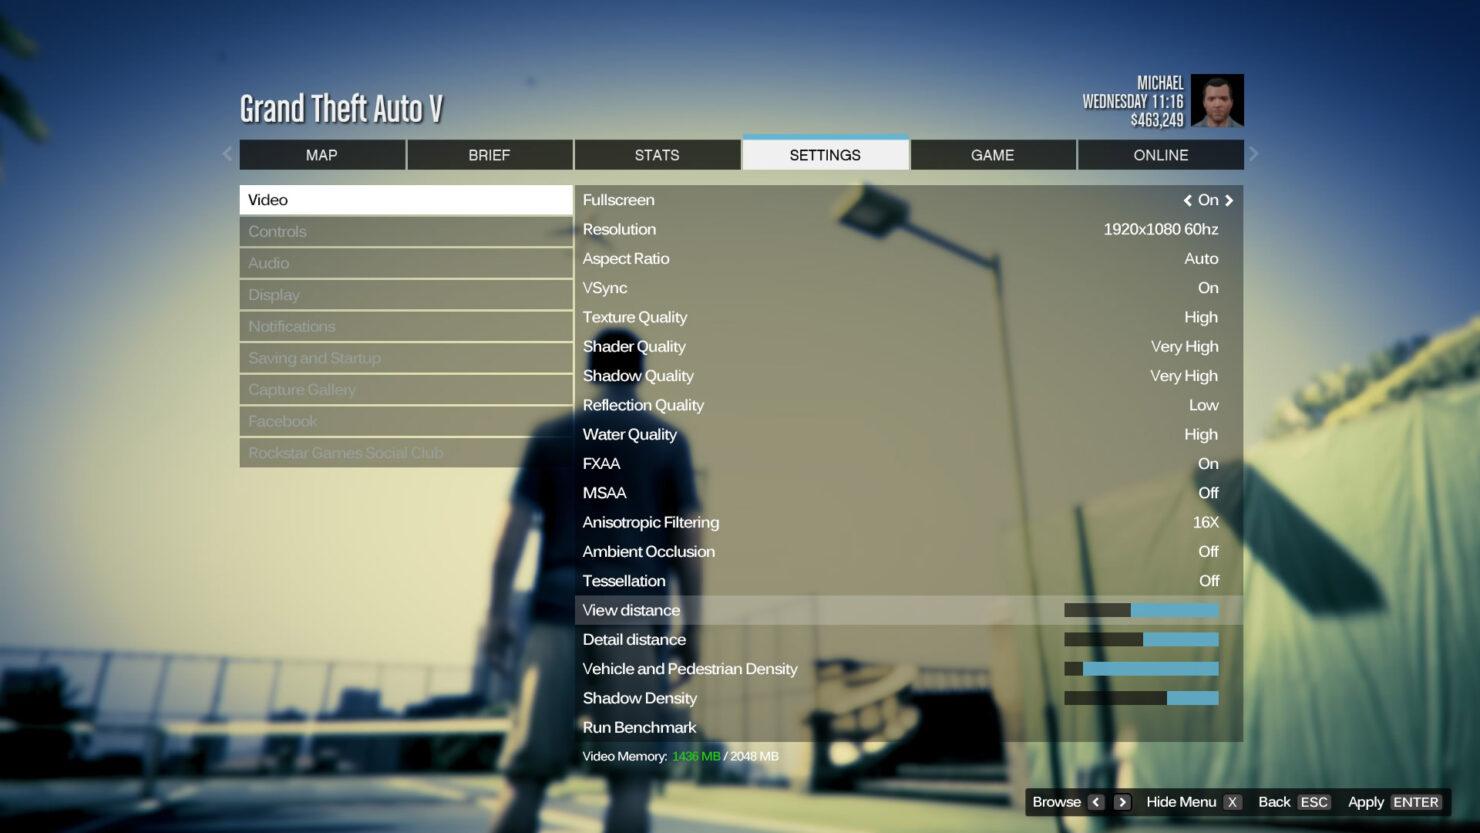 gta5-settings